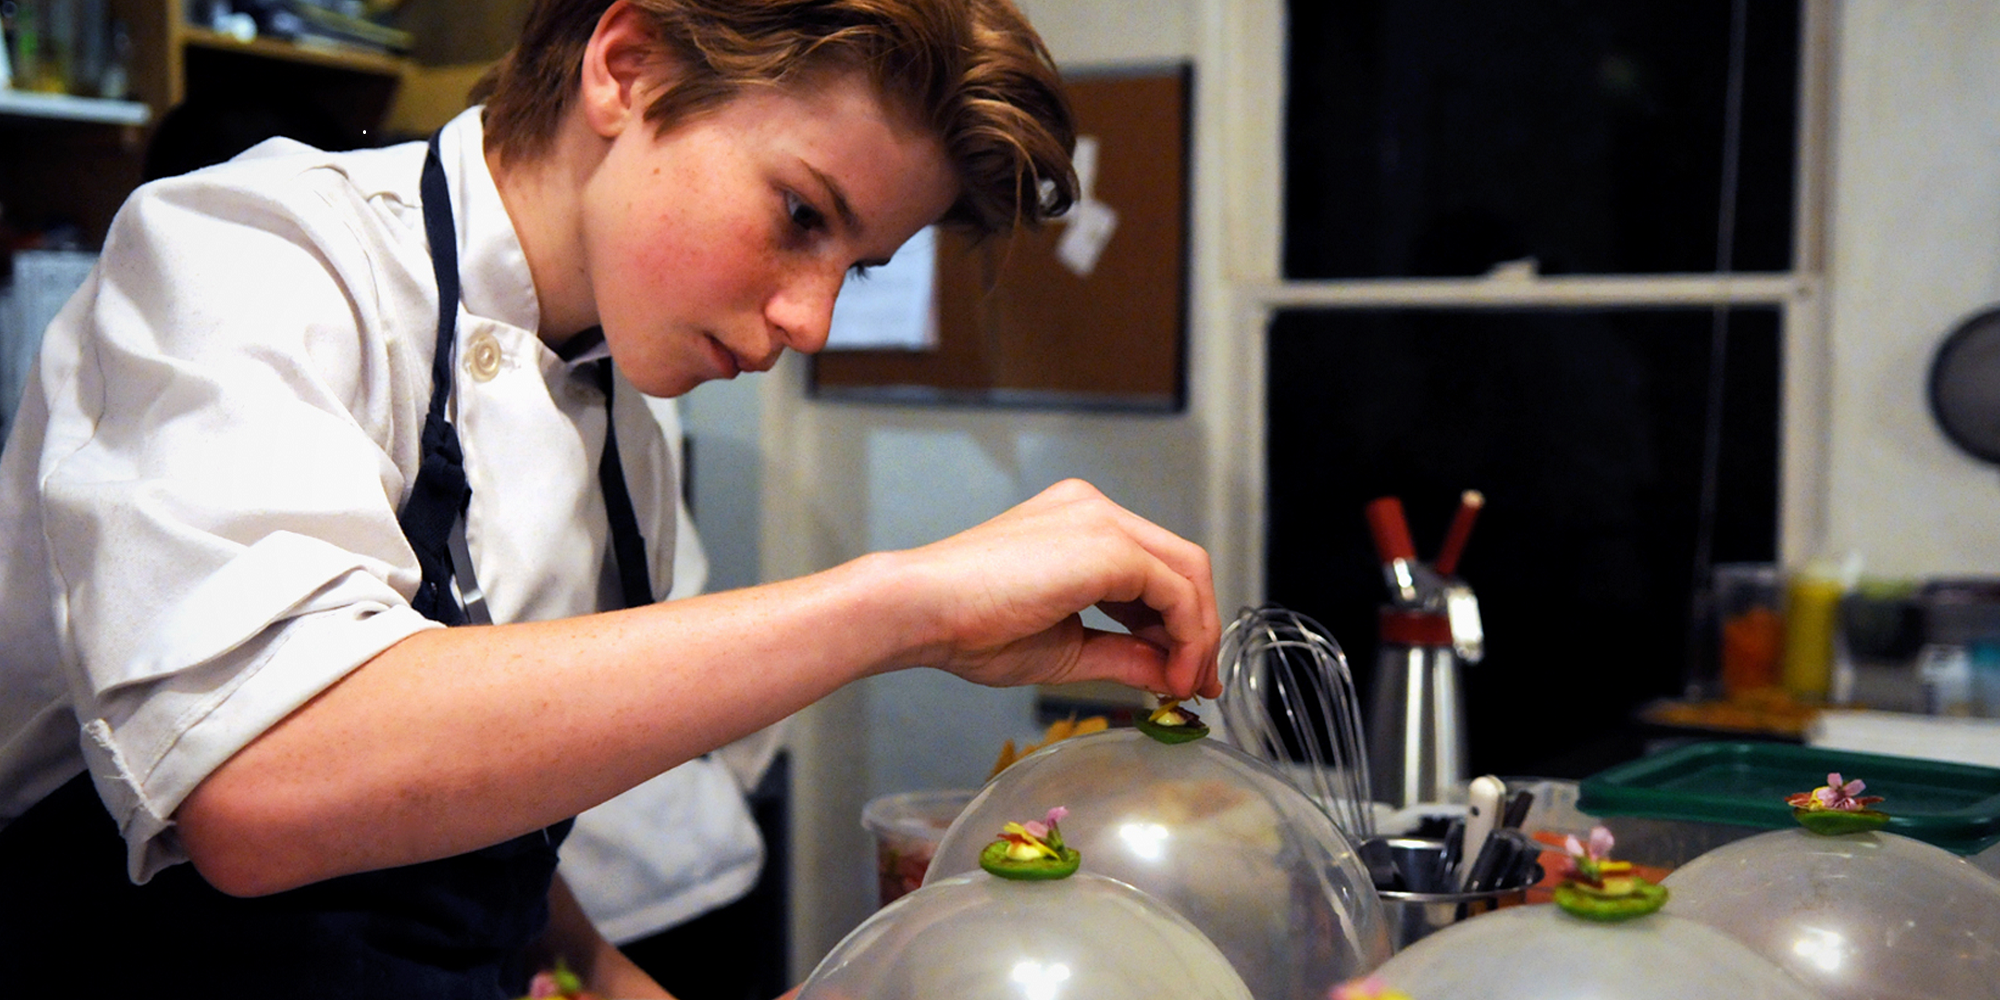 Ung gutt i kokkeklær legger mat på fat. Foto.